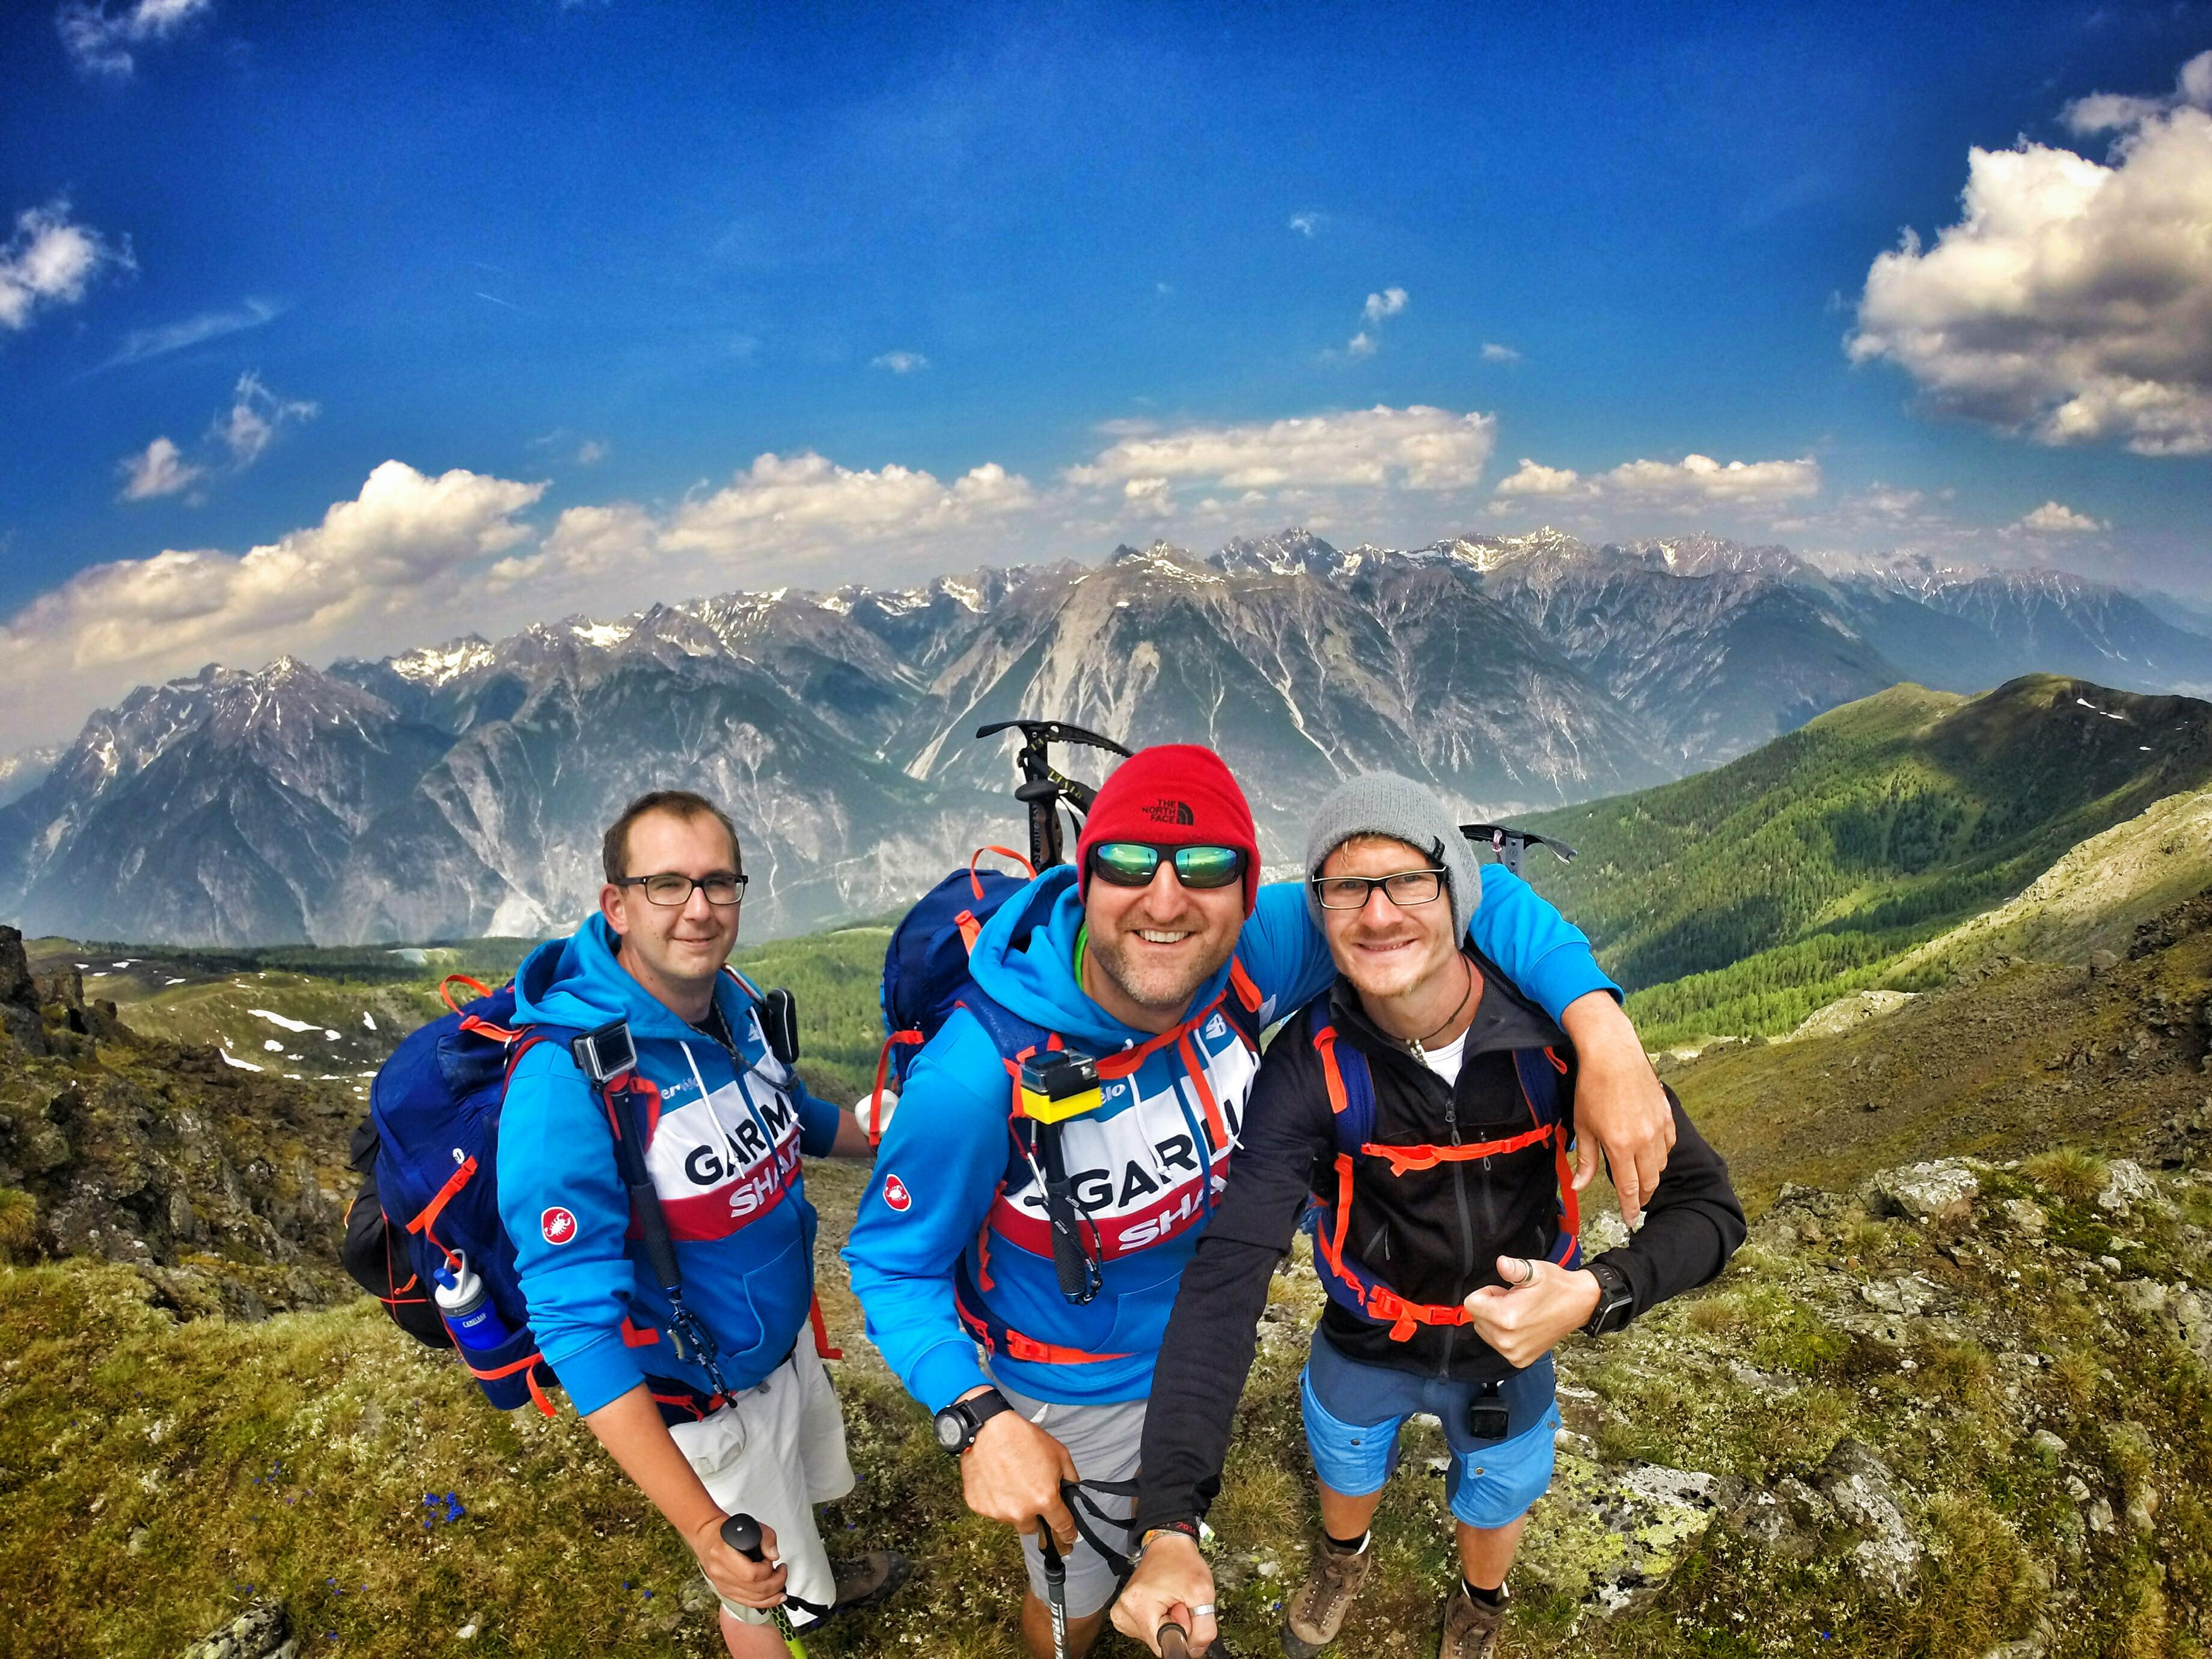 Selfies partie kešerov v Alpách. (Foto: archív).